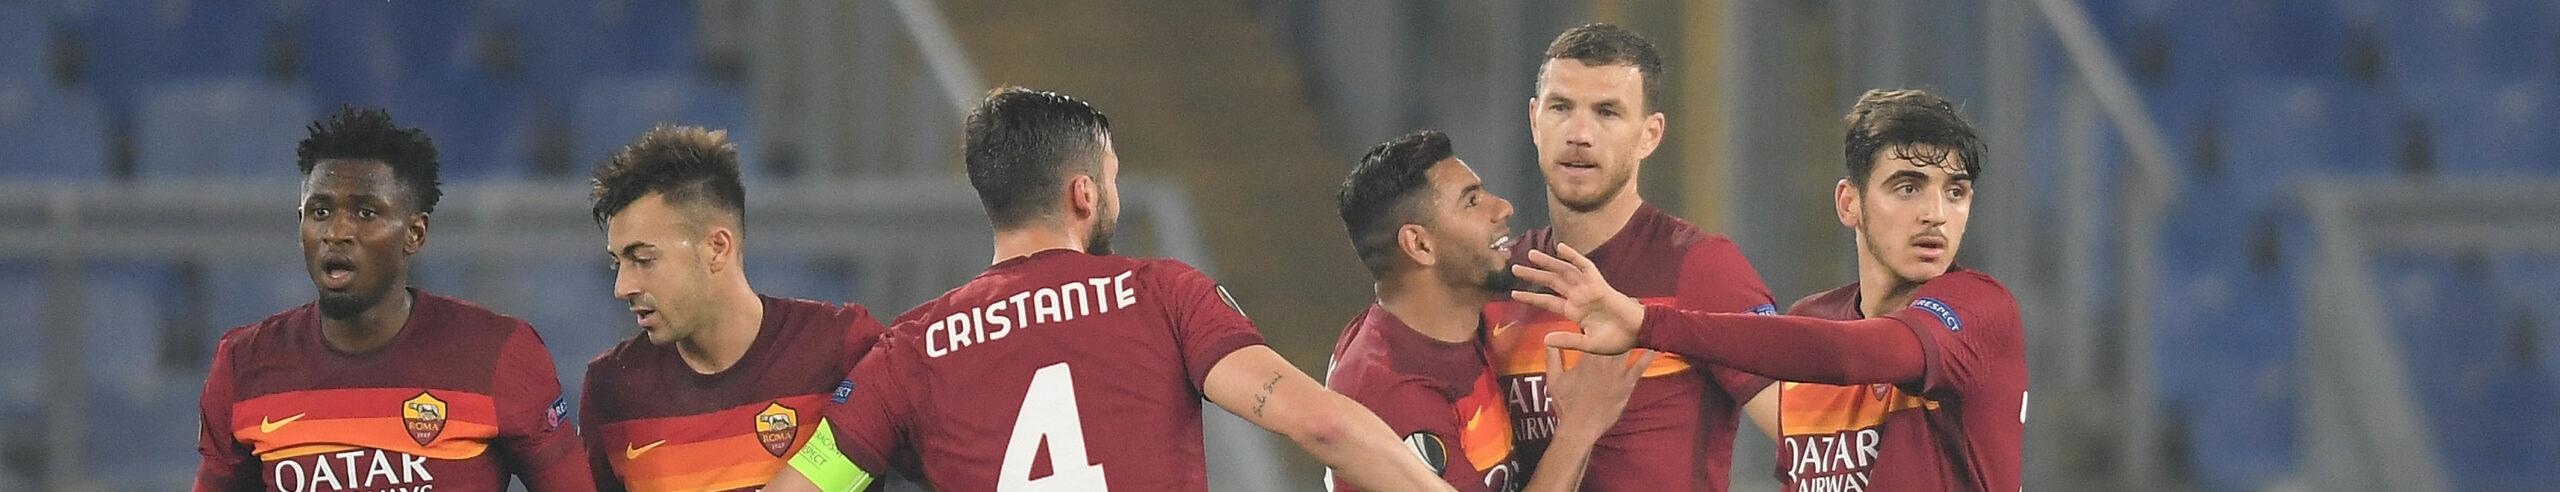 Roma-Manchester United, ai giallorossi non resta che l'orgoglio